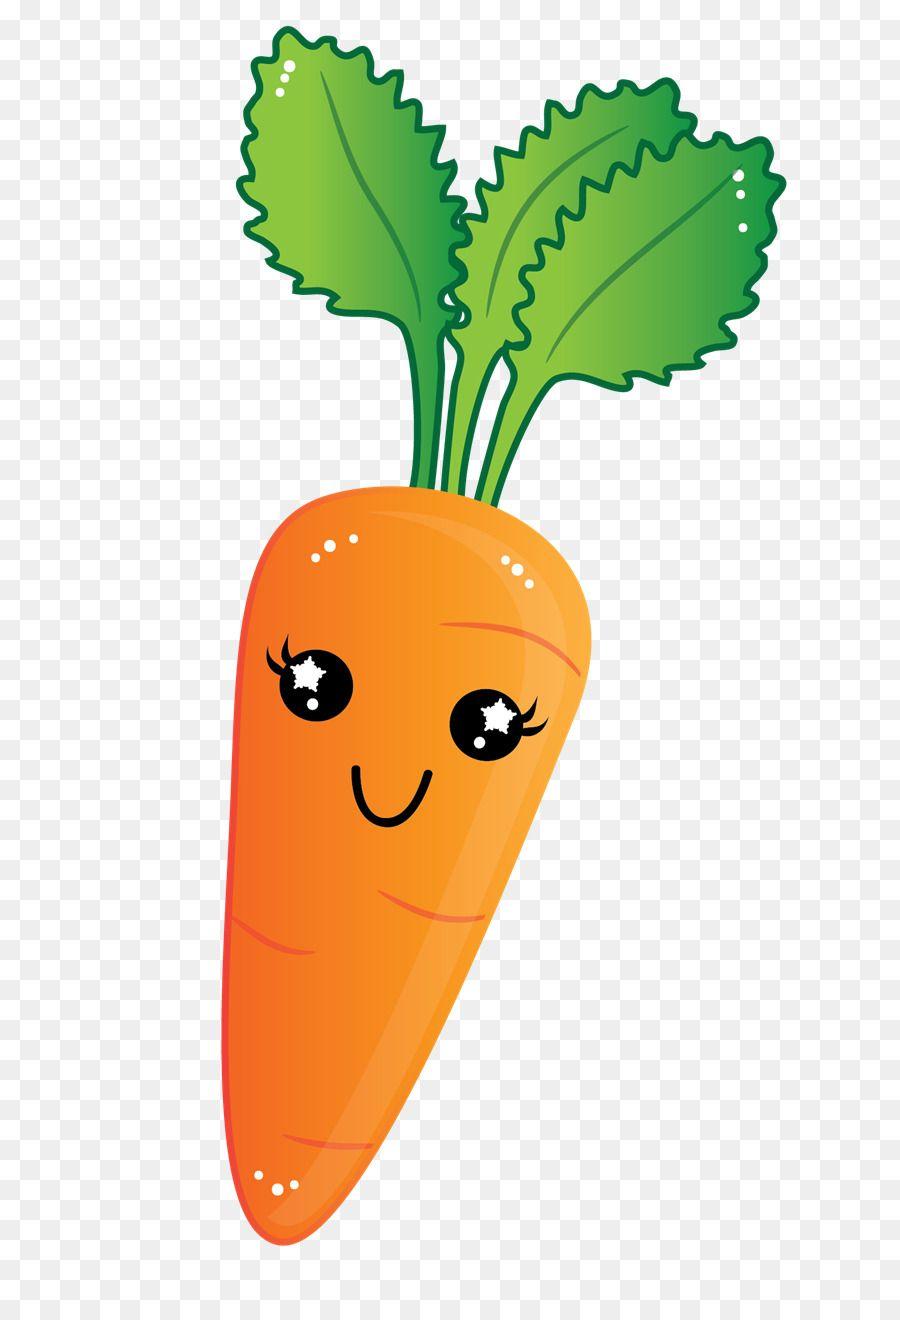 Cute carrot clipart.